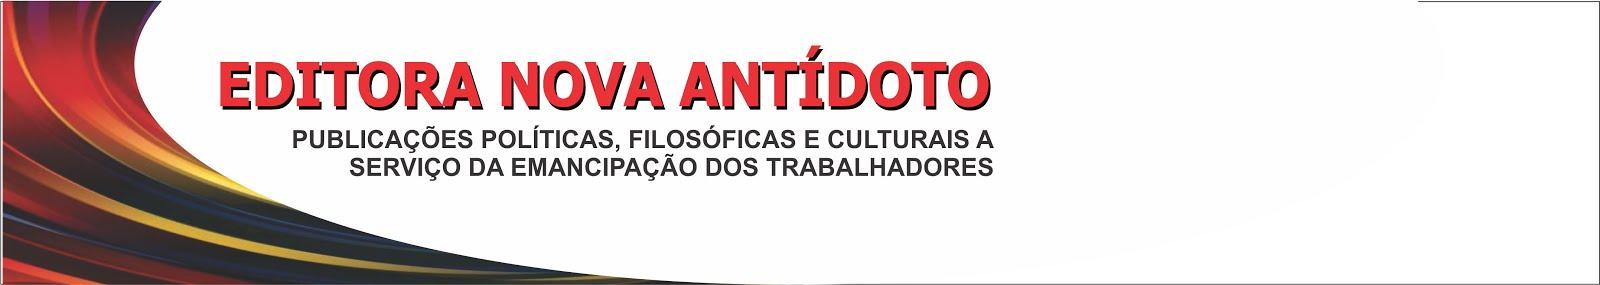 EDITORA NOVA ANTÍDOTO